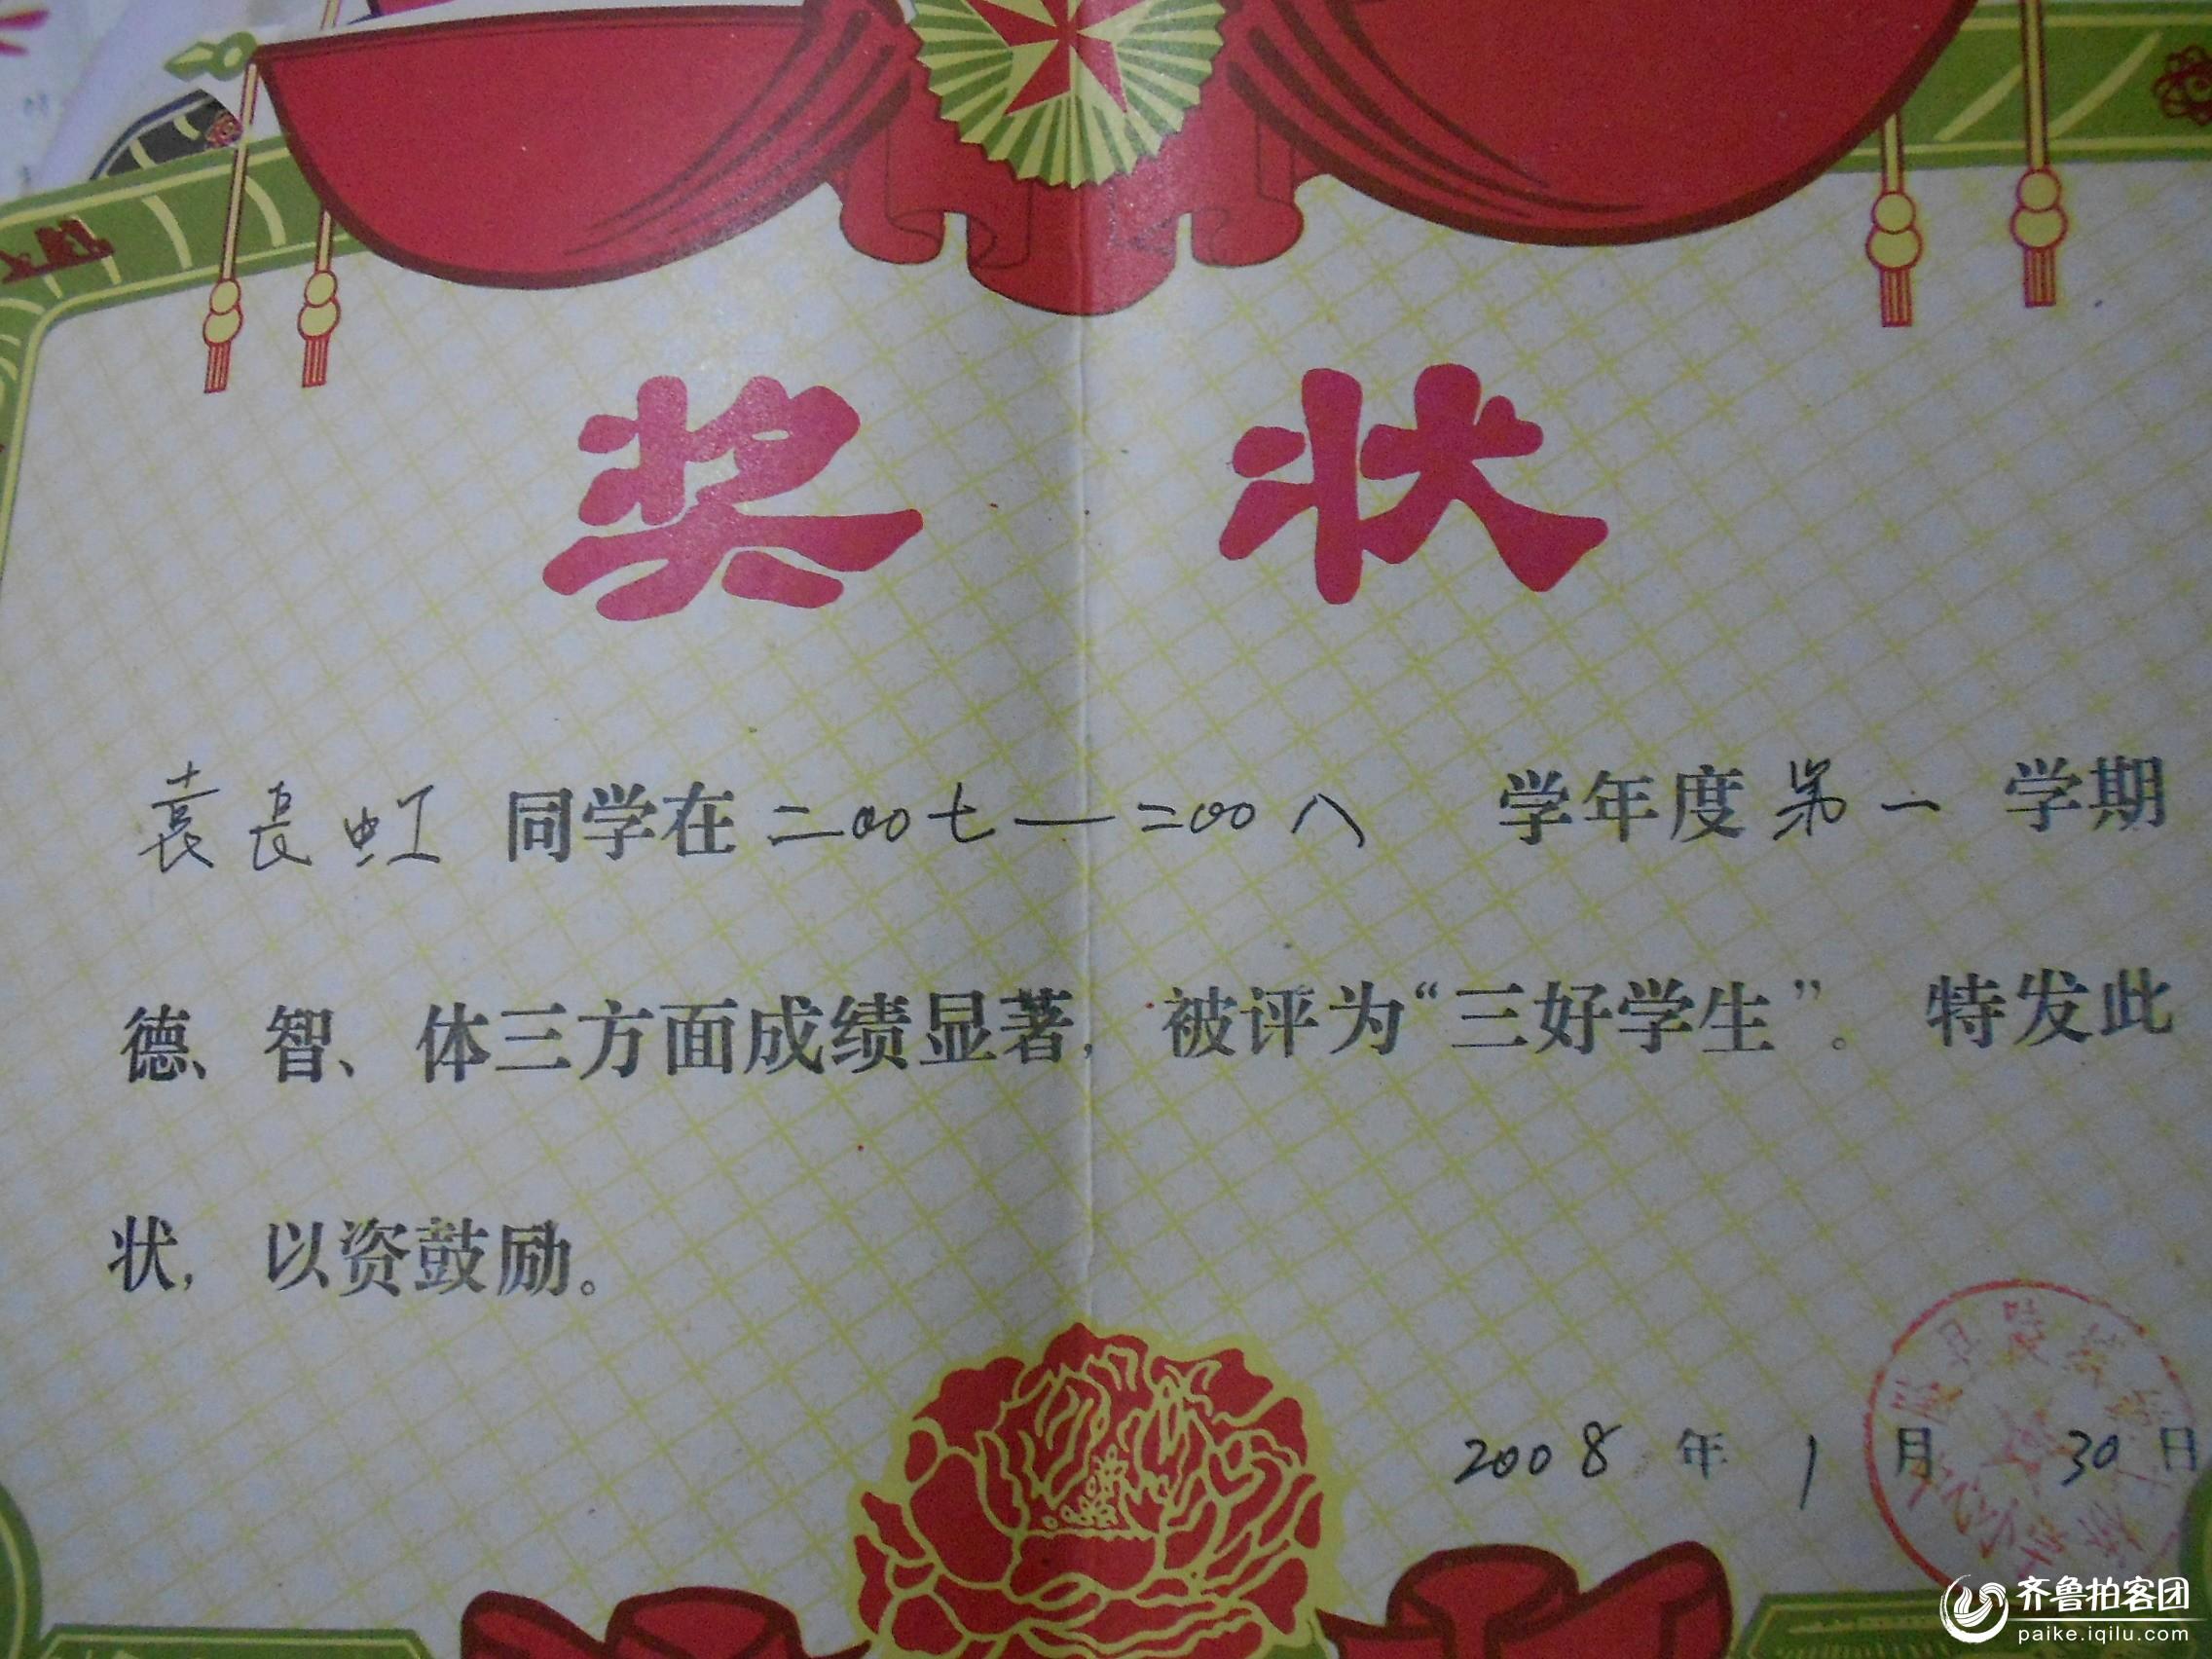 教师节奖状设计图纸展示